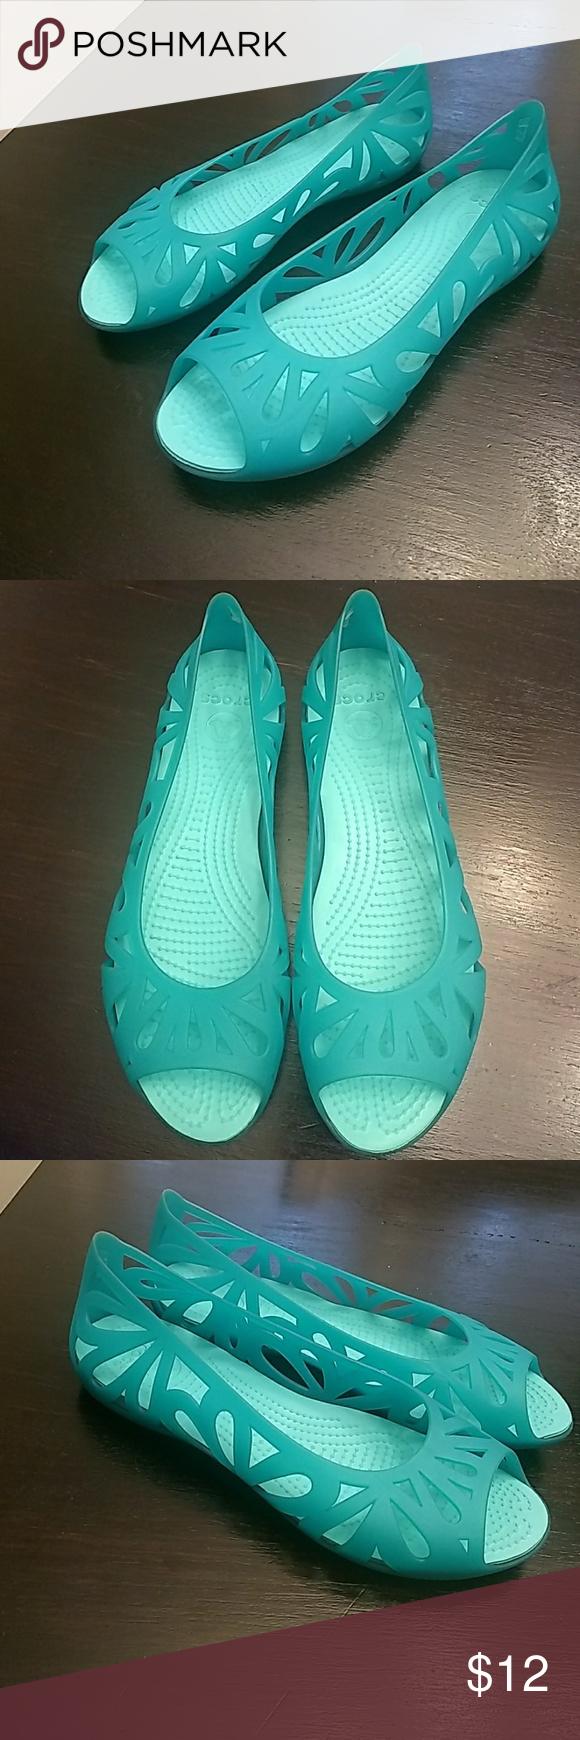 Crocs teal / turquoise flats 10